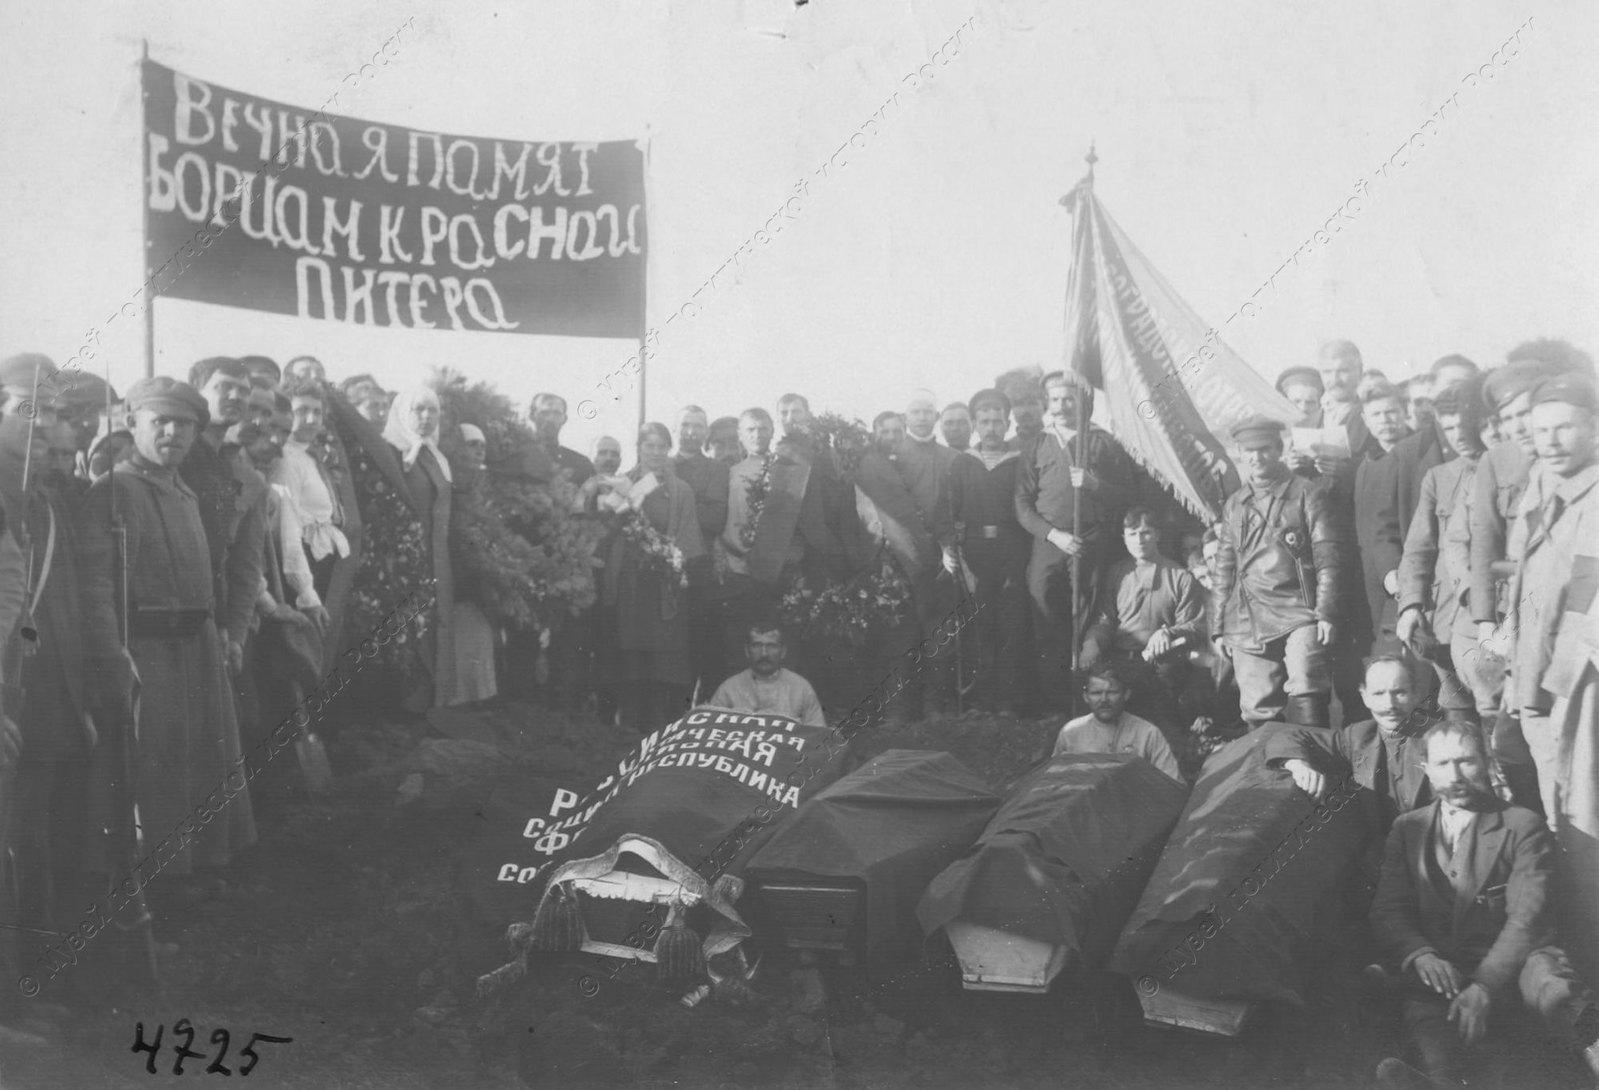 1919. Похороны красноармейцев и моряков, погибших в боях с бандами Юденича на подступах и Петрограду2